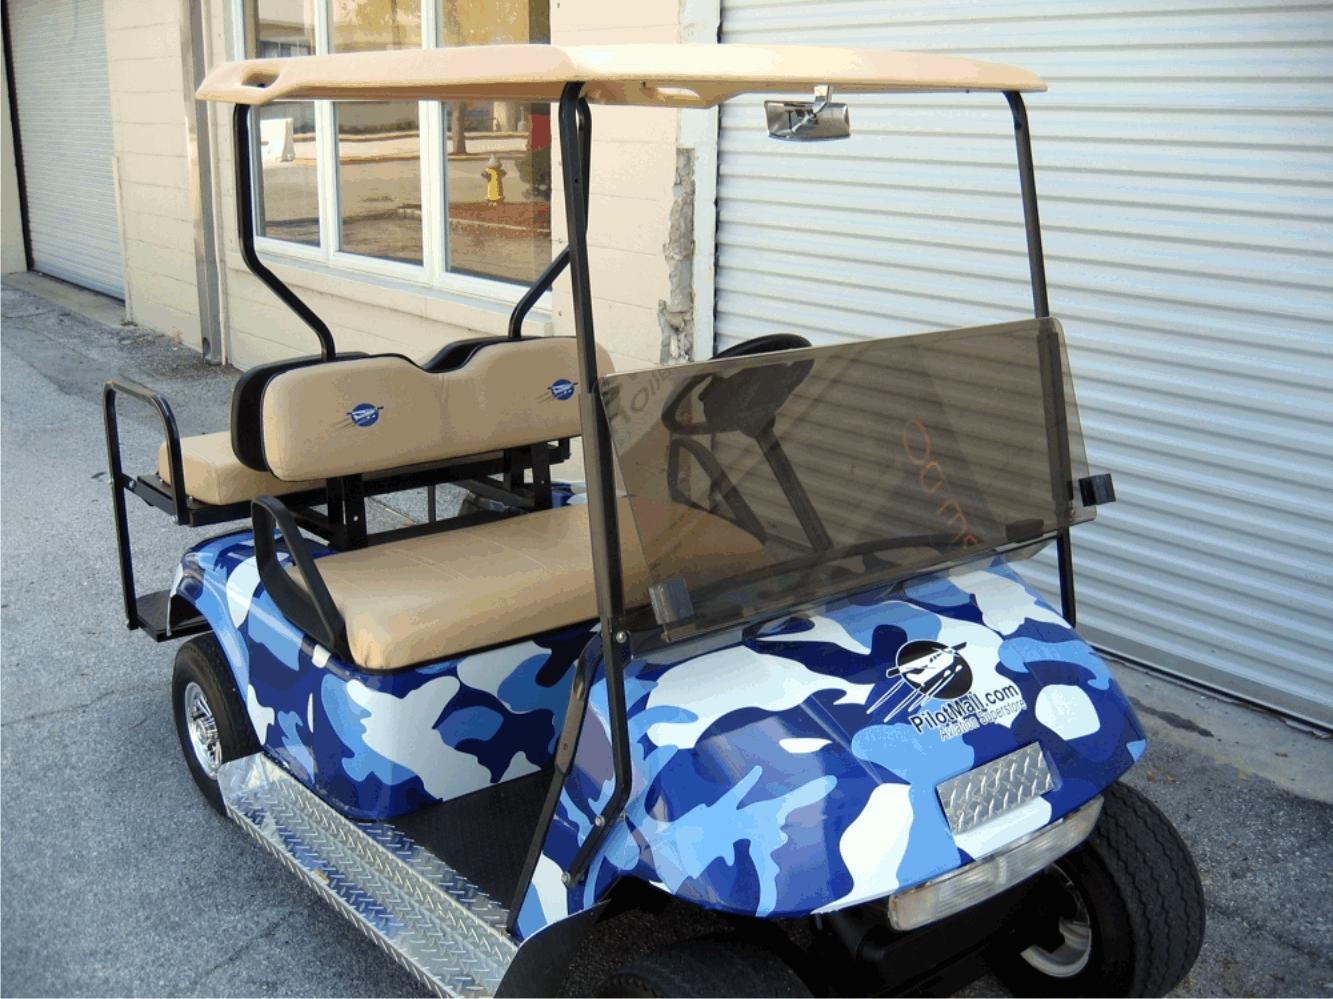 UTV Archives | Powersportswraps.com on gator utility cart, gator atv, sun mountain cart, used ez go electric cart, gator motorsports go cart,